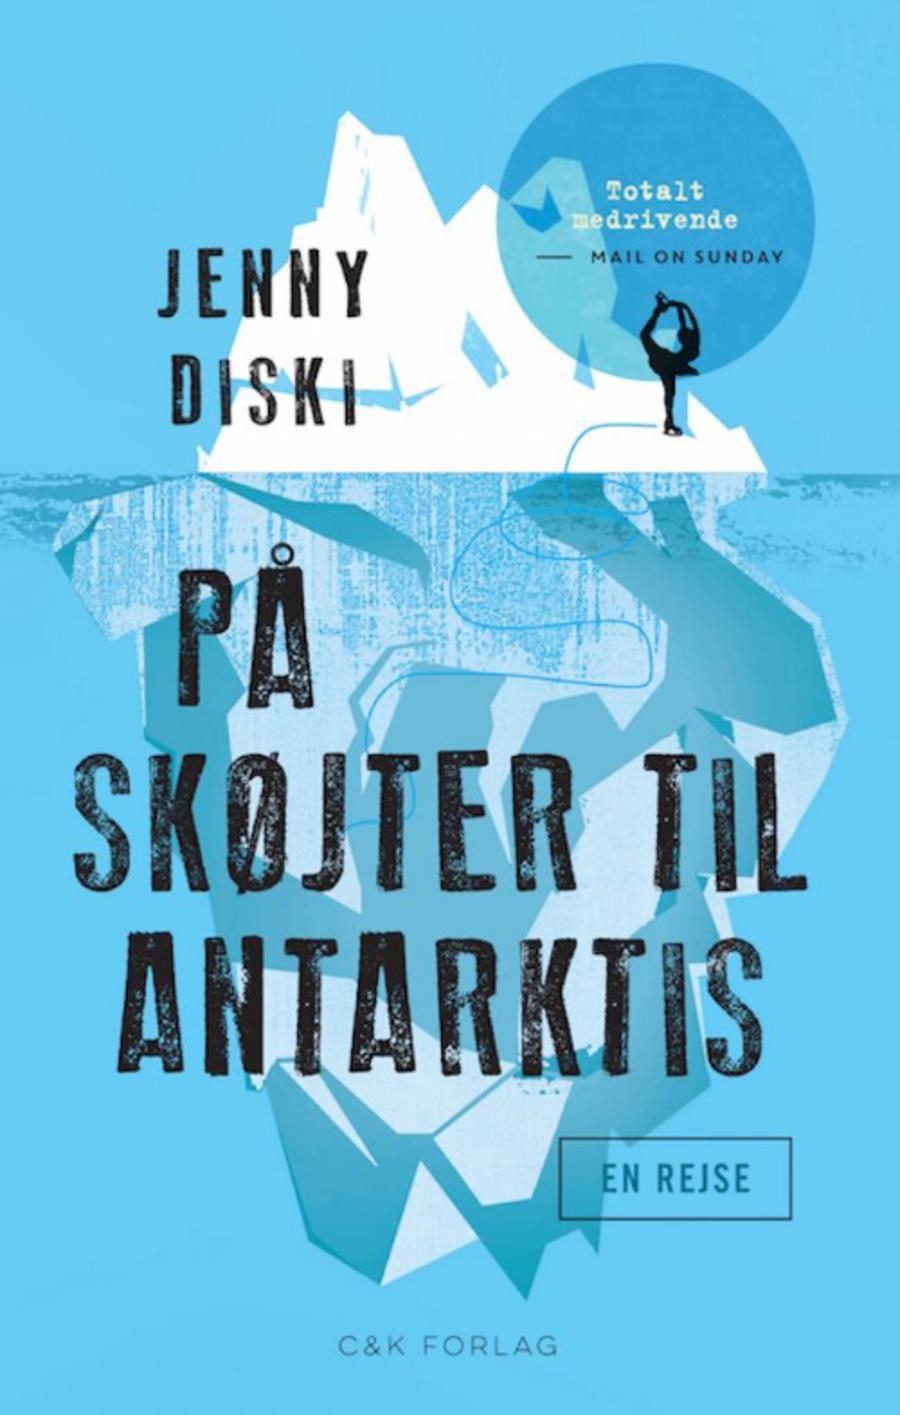 På skøjter til Antarktis af Jenny Diski